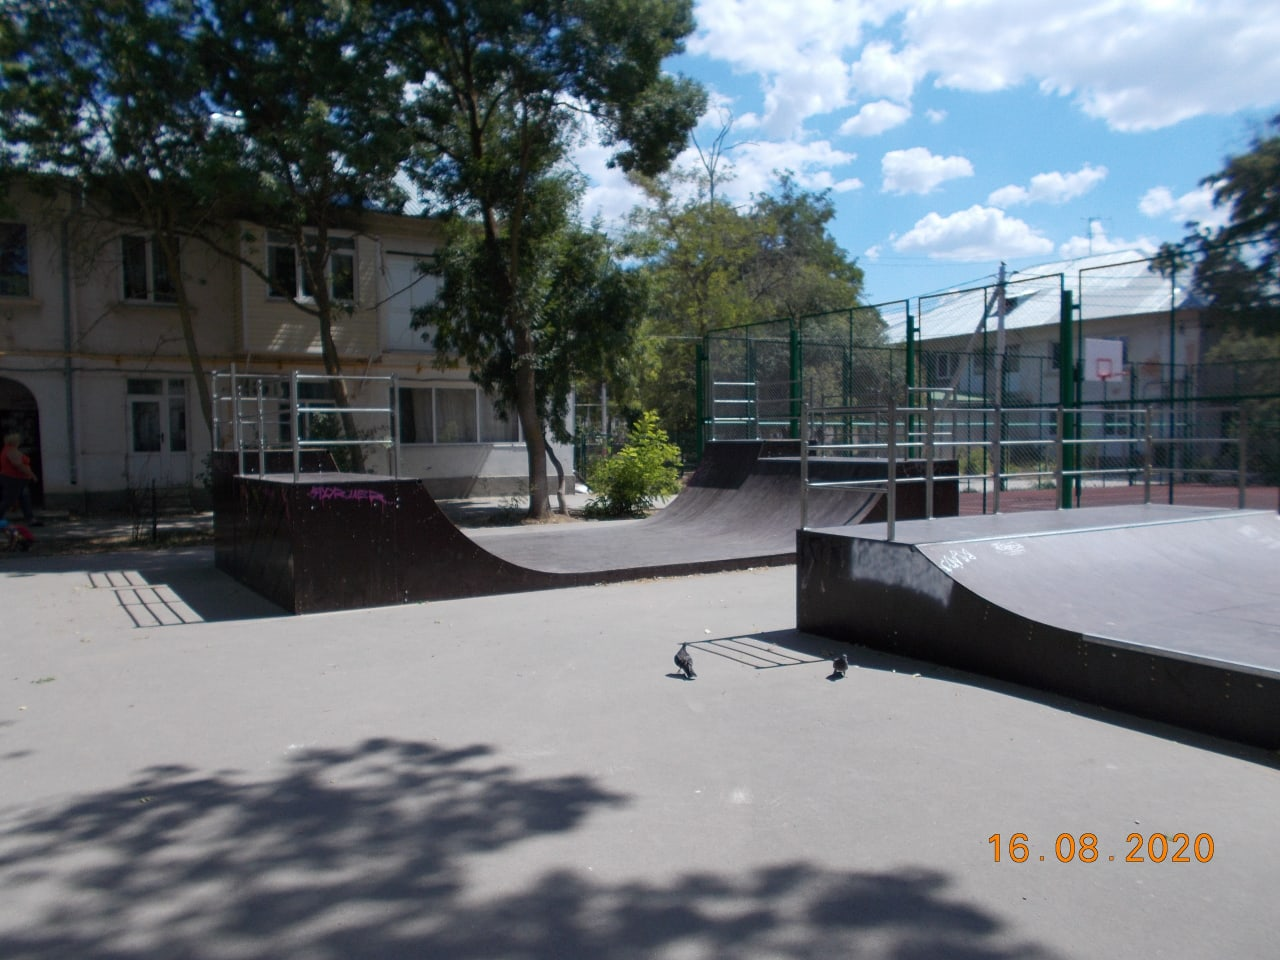 Новый скейт-парк в гарнизоне морской авиации Кача